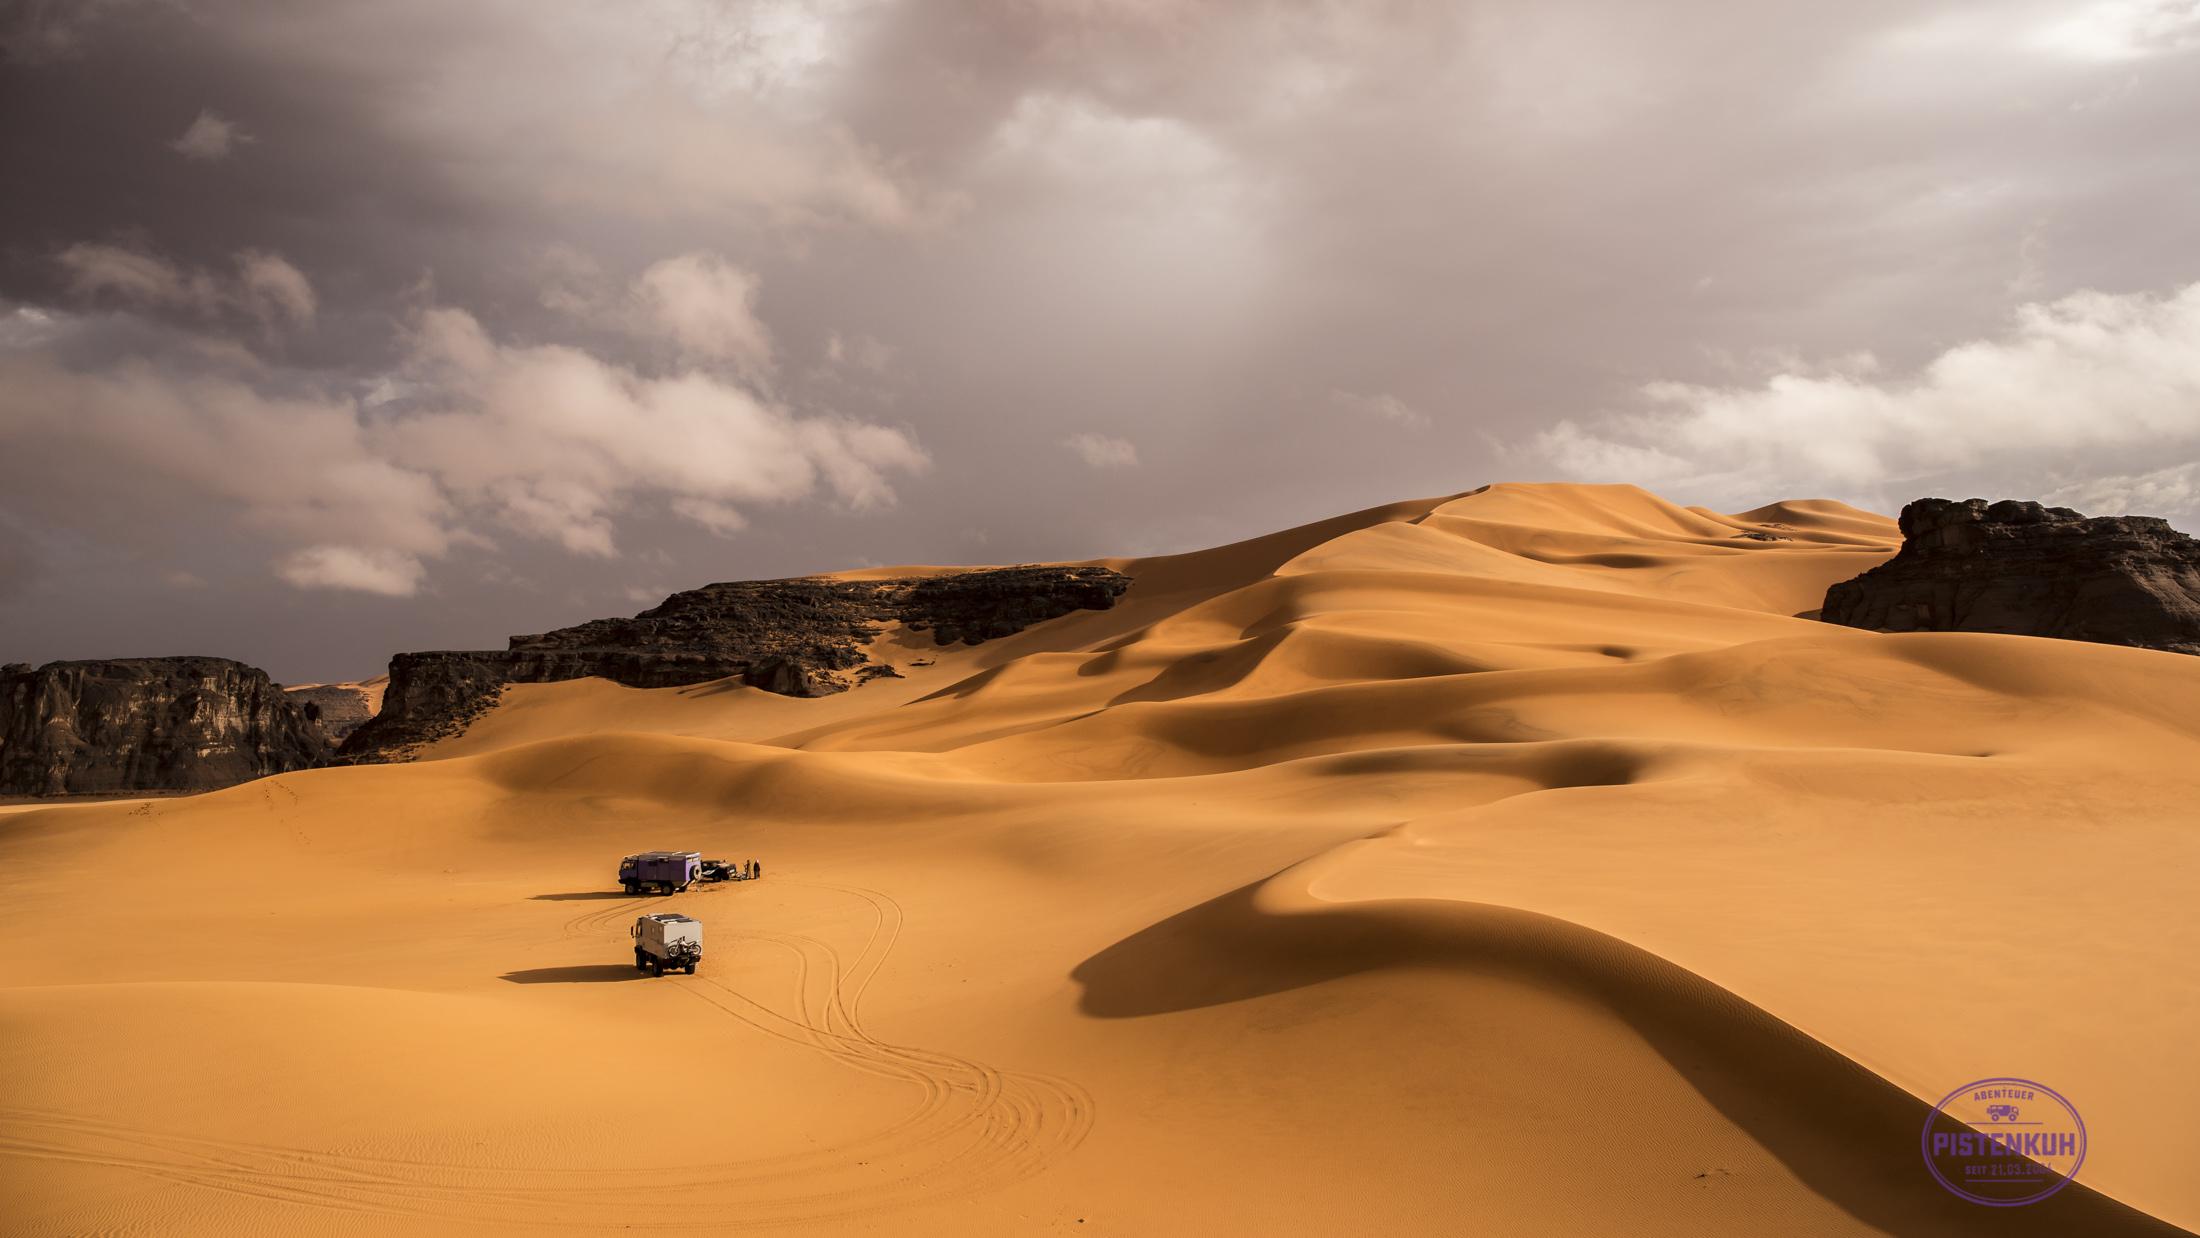 Nach einer Regennacht in der Wüste